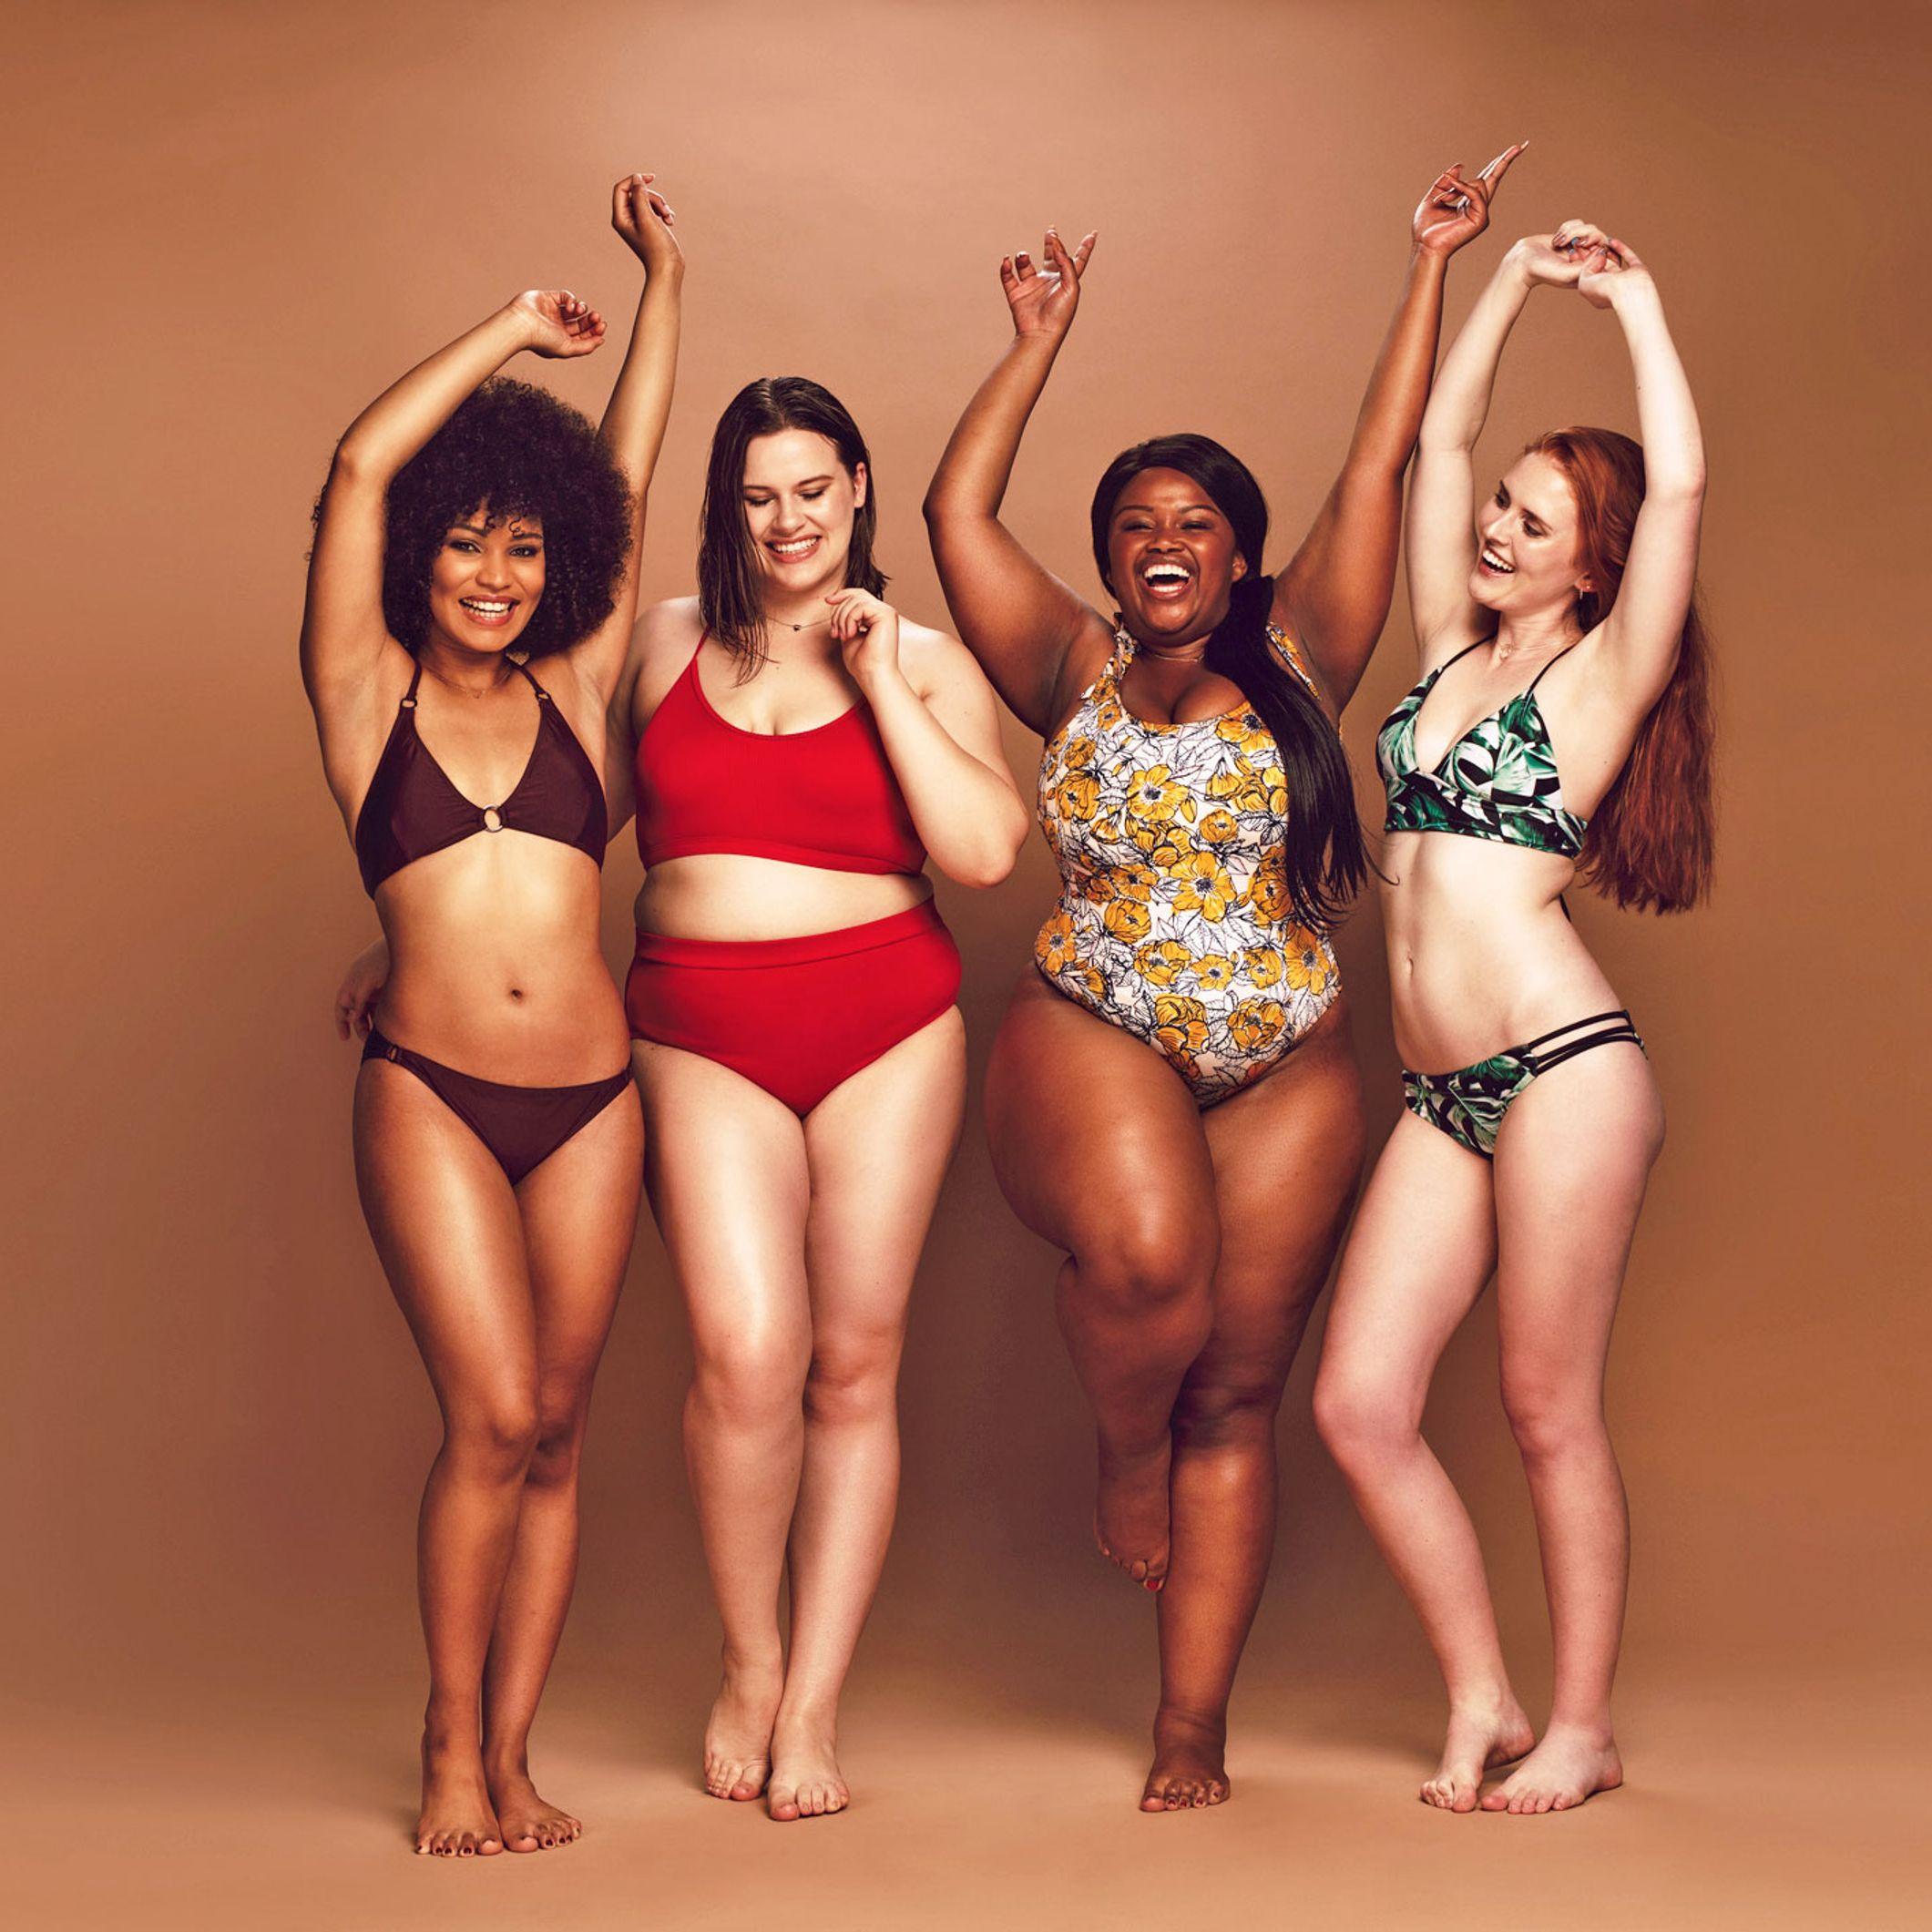 Bauch dicken bikinis für Bademode zum